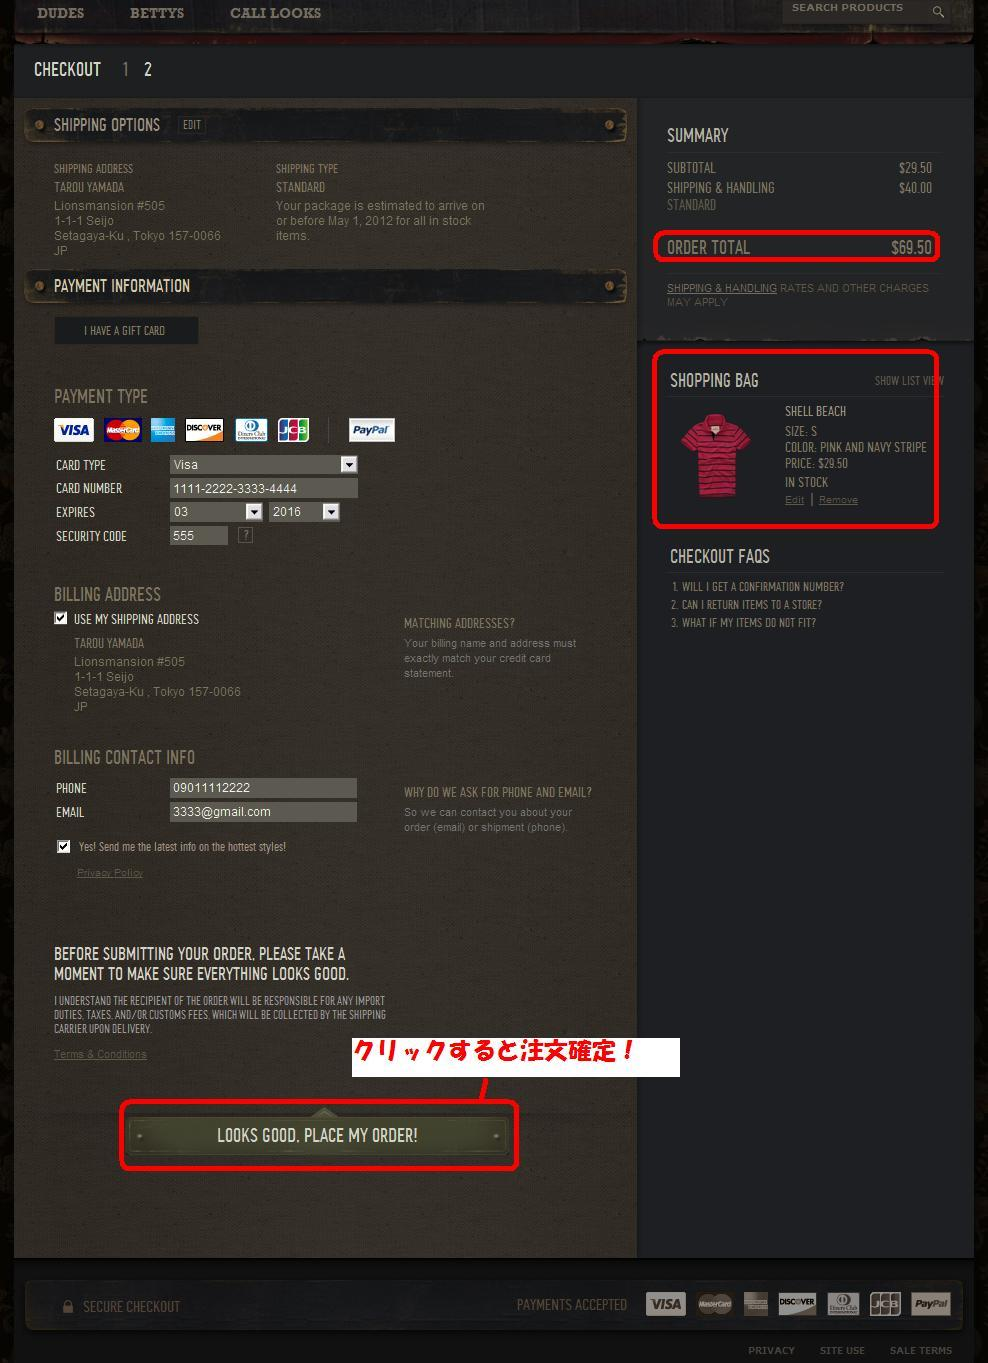 支払い情報の入力方法